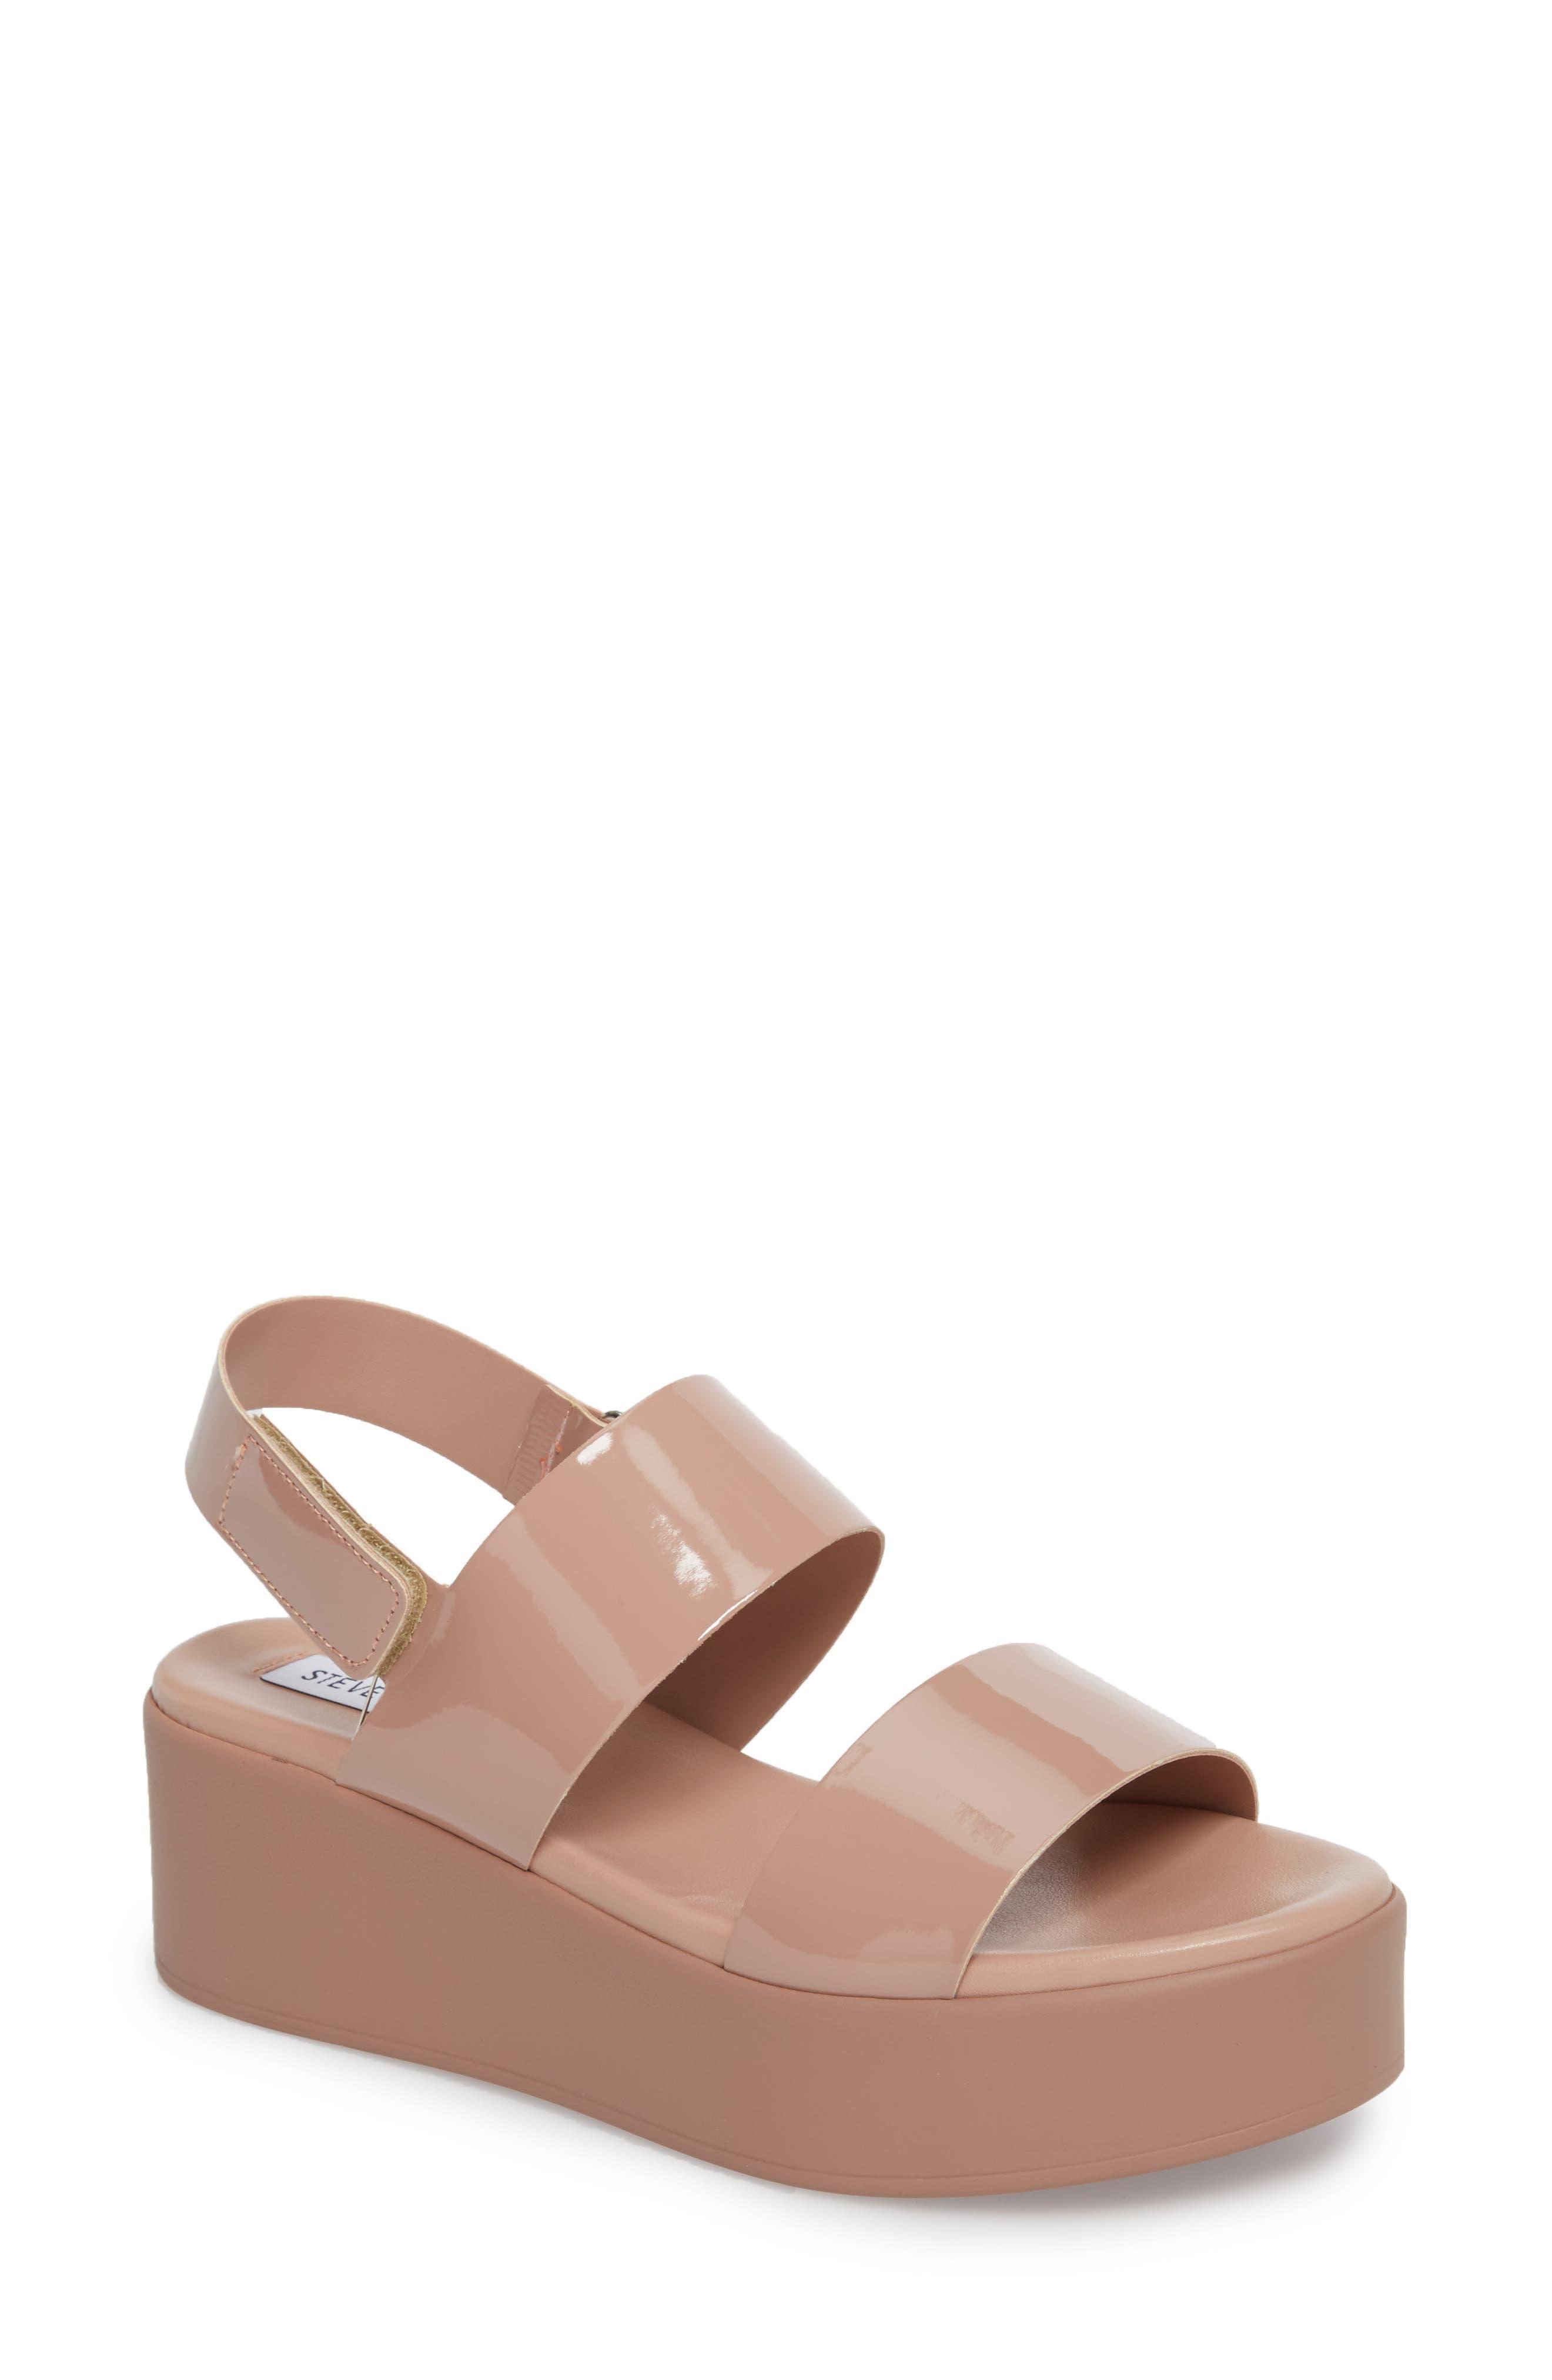 Main Image - Steve Madden Rachel Platform Wedge Sandal (Women)